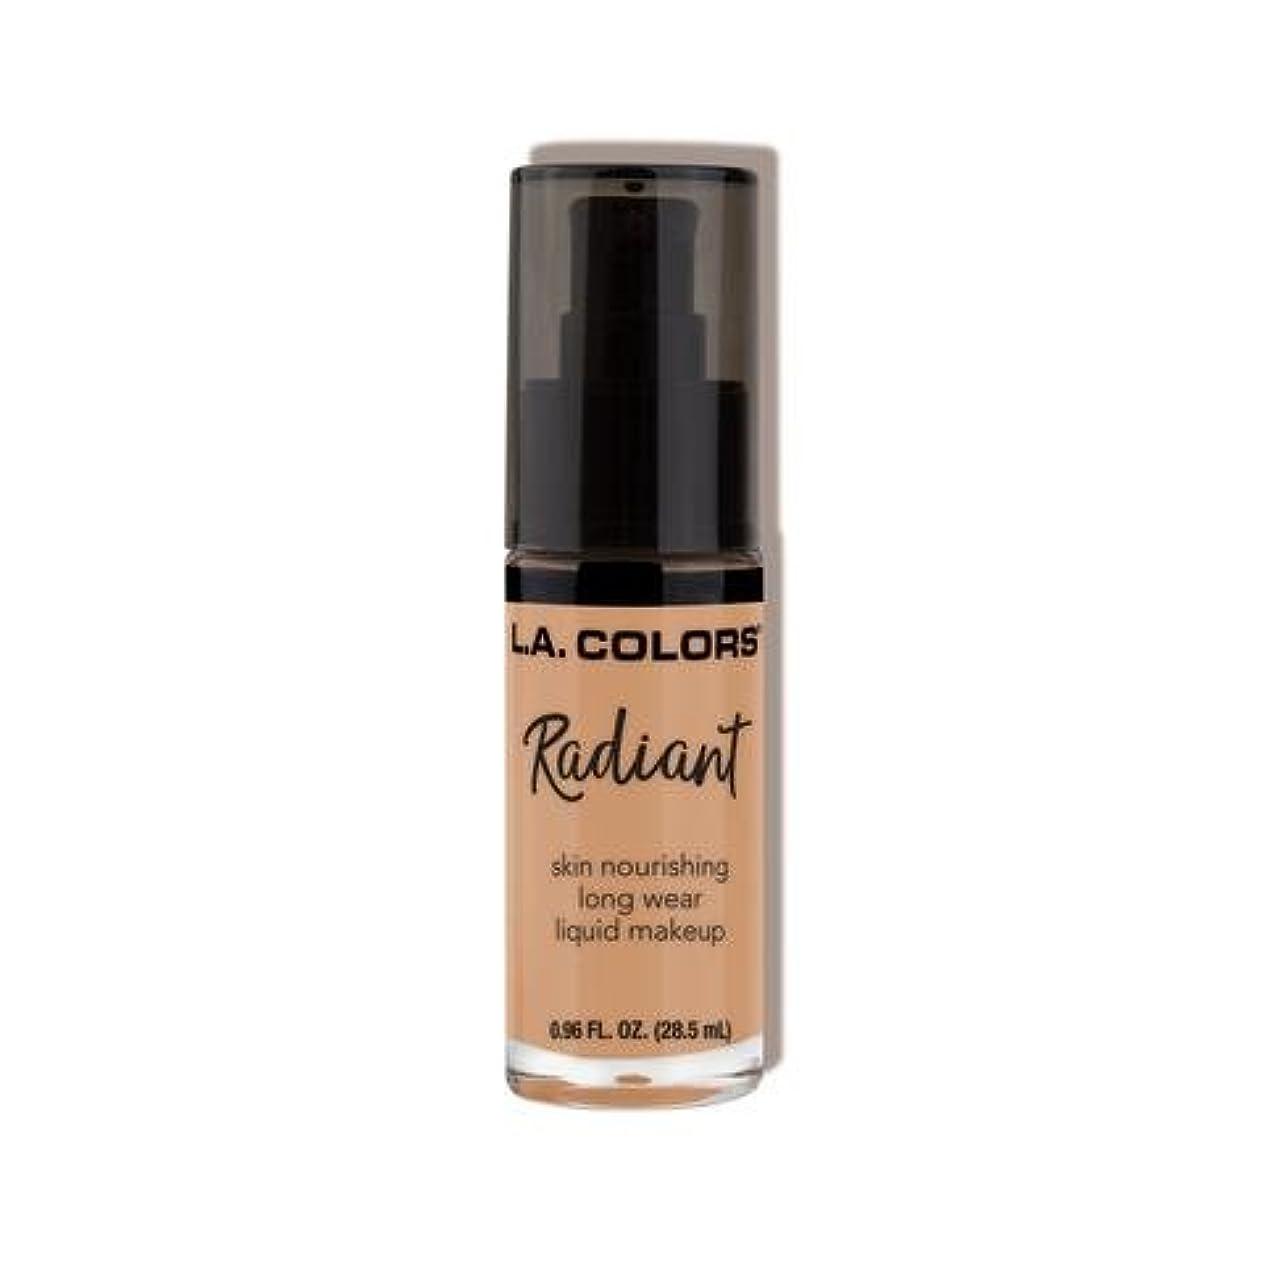 寛大さ操作可能無効にする(3 Pack) L.A. COLORS Radiant Liquid Makeup - Light Tan (並行輸入品)